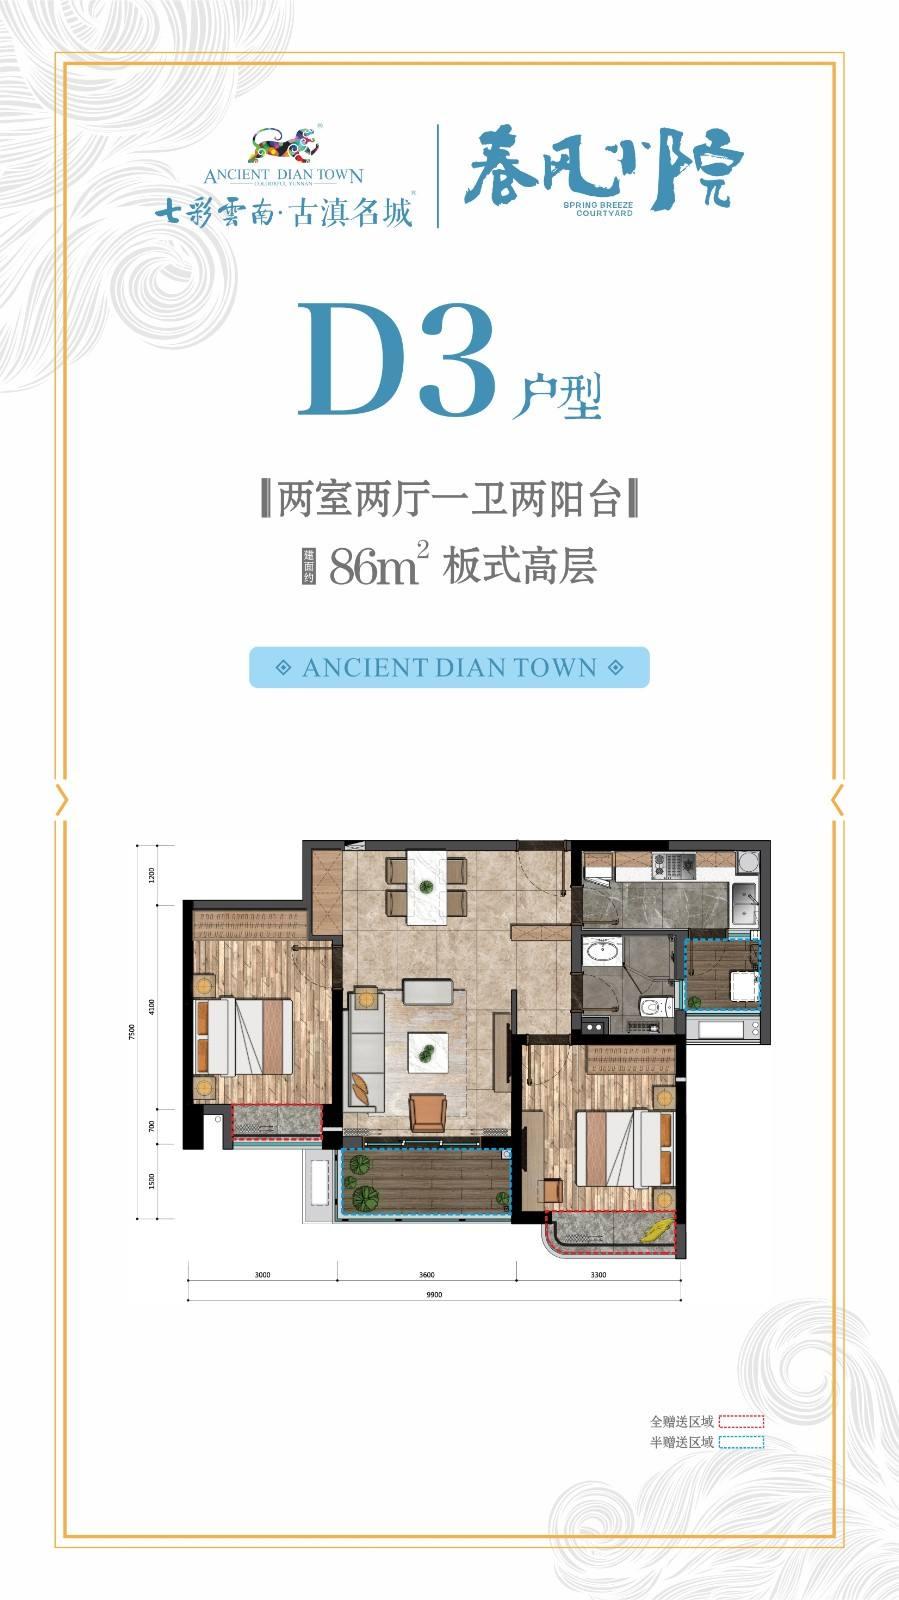 七彩云南古滇名城春风D3户型两室两厅一卫两阳建筑面积:86㎡